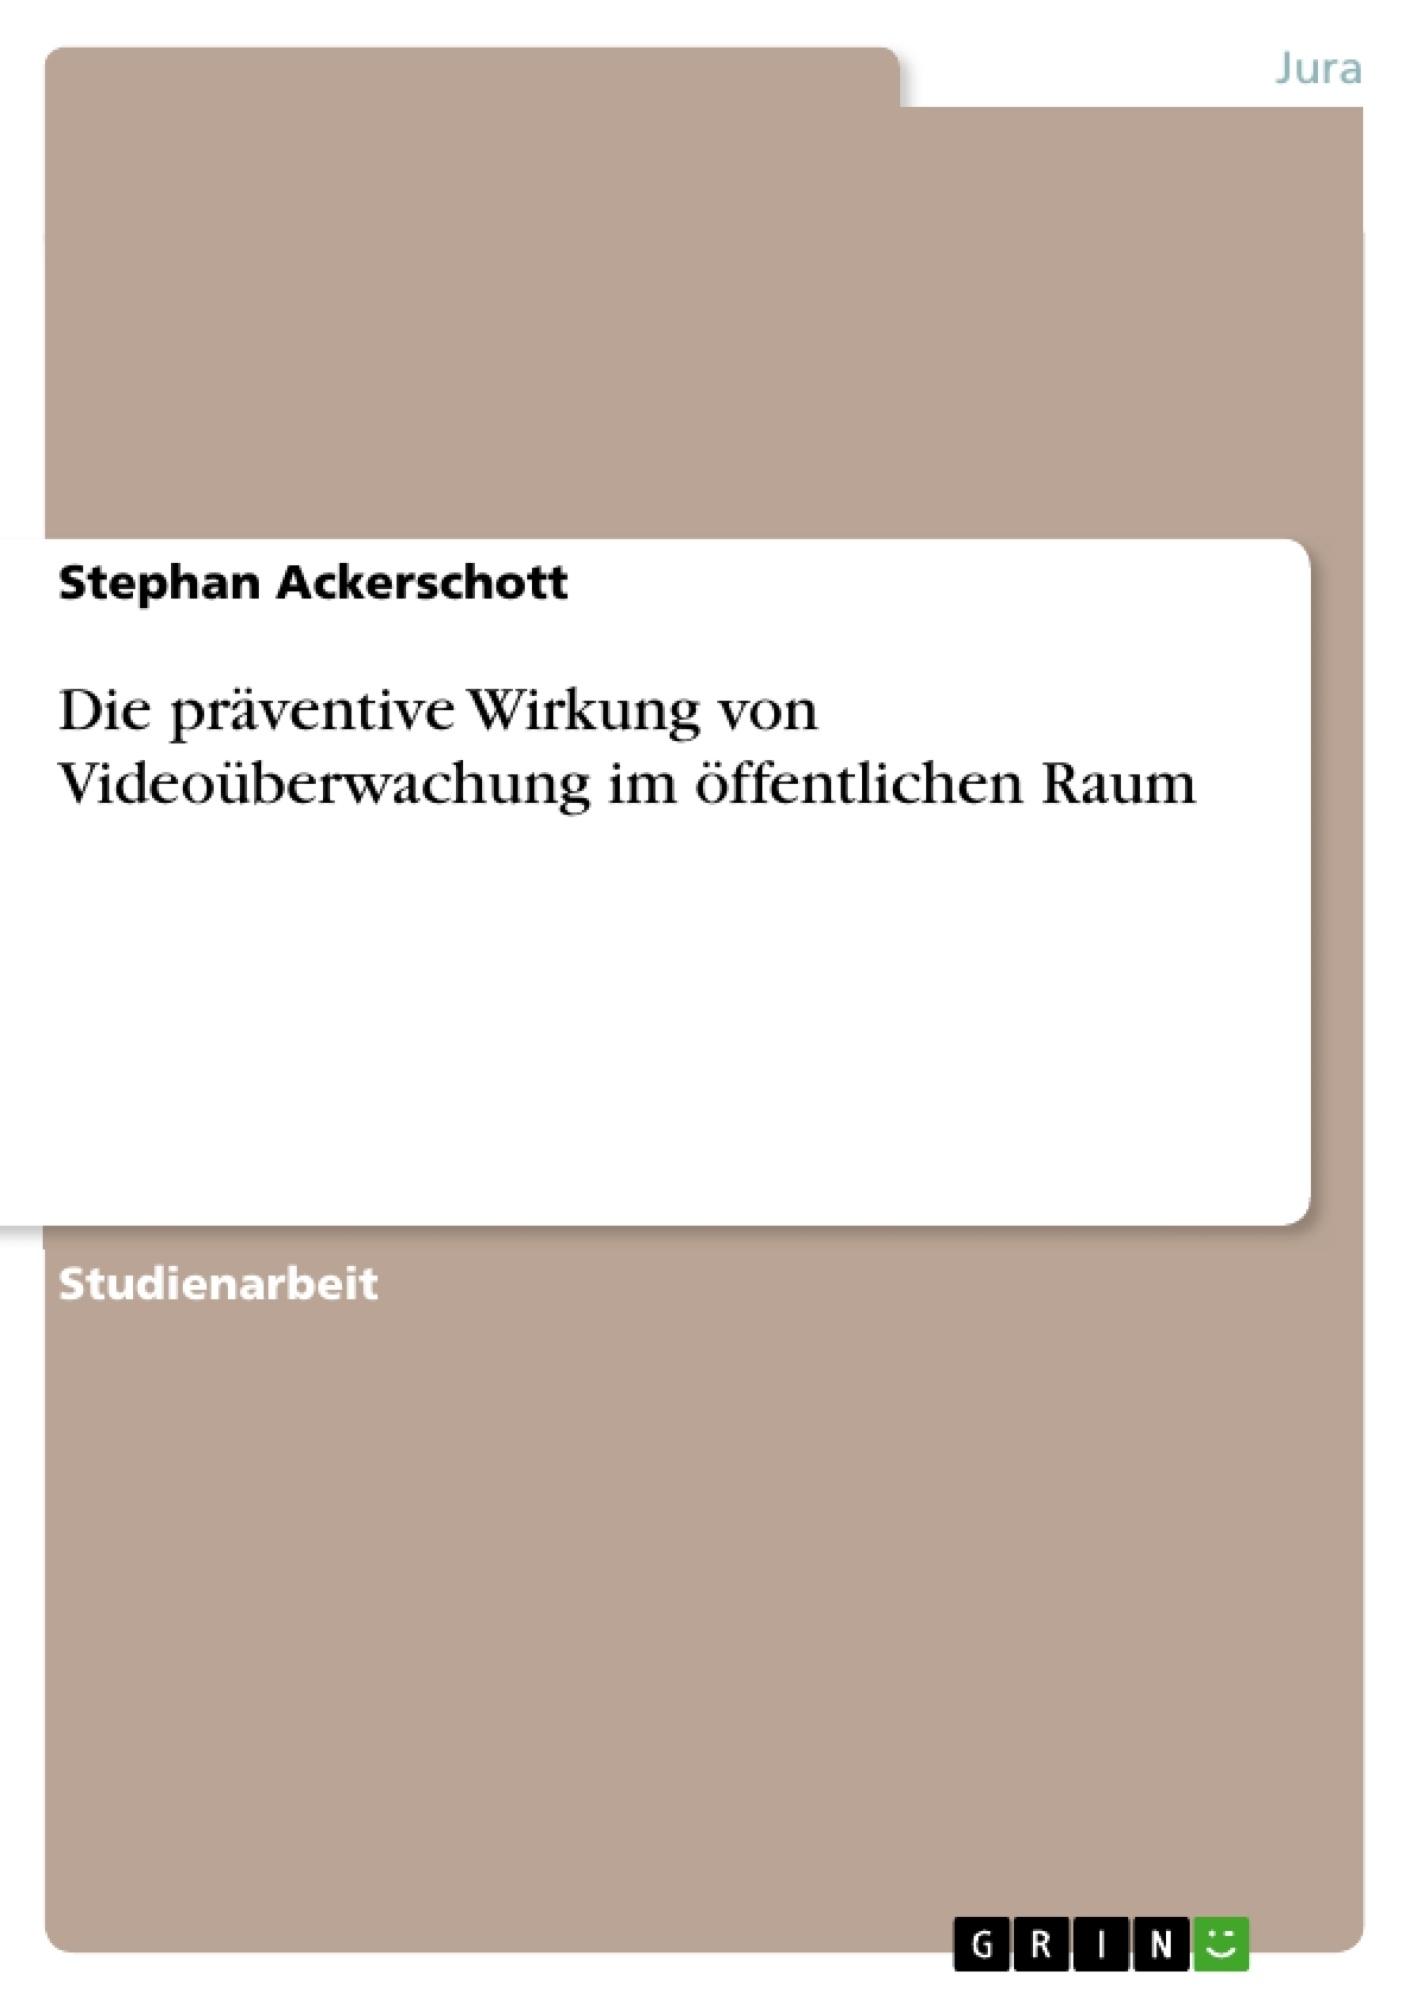 Titel: Die präventive Wirkung von Videoüberwachung im öffentlichen Raum